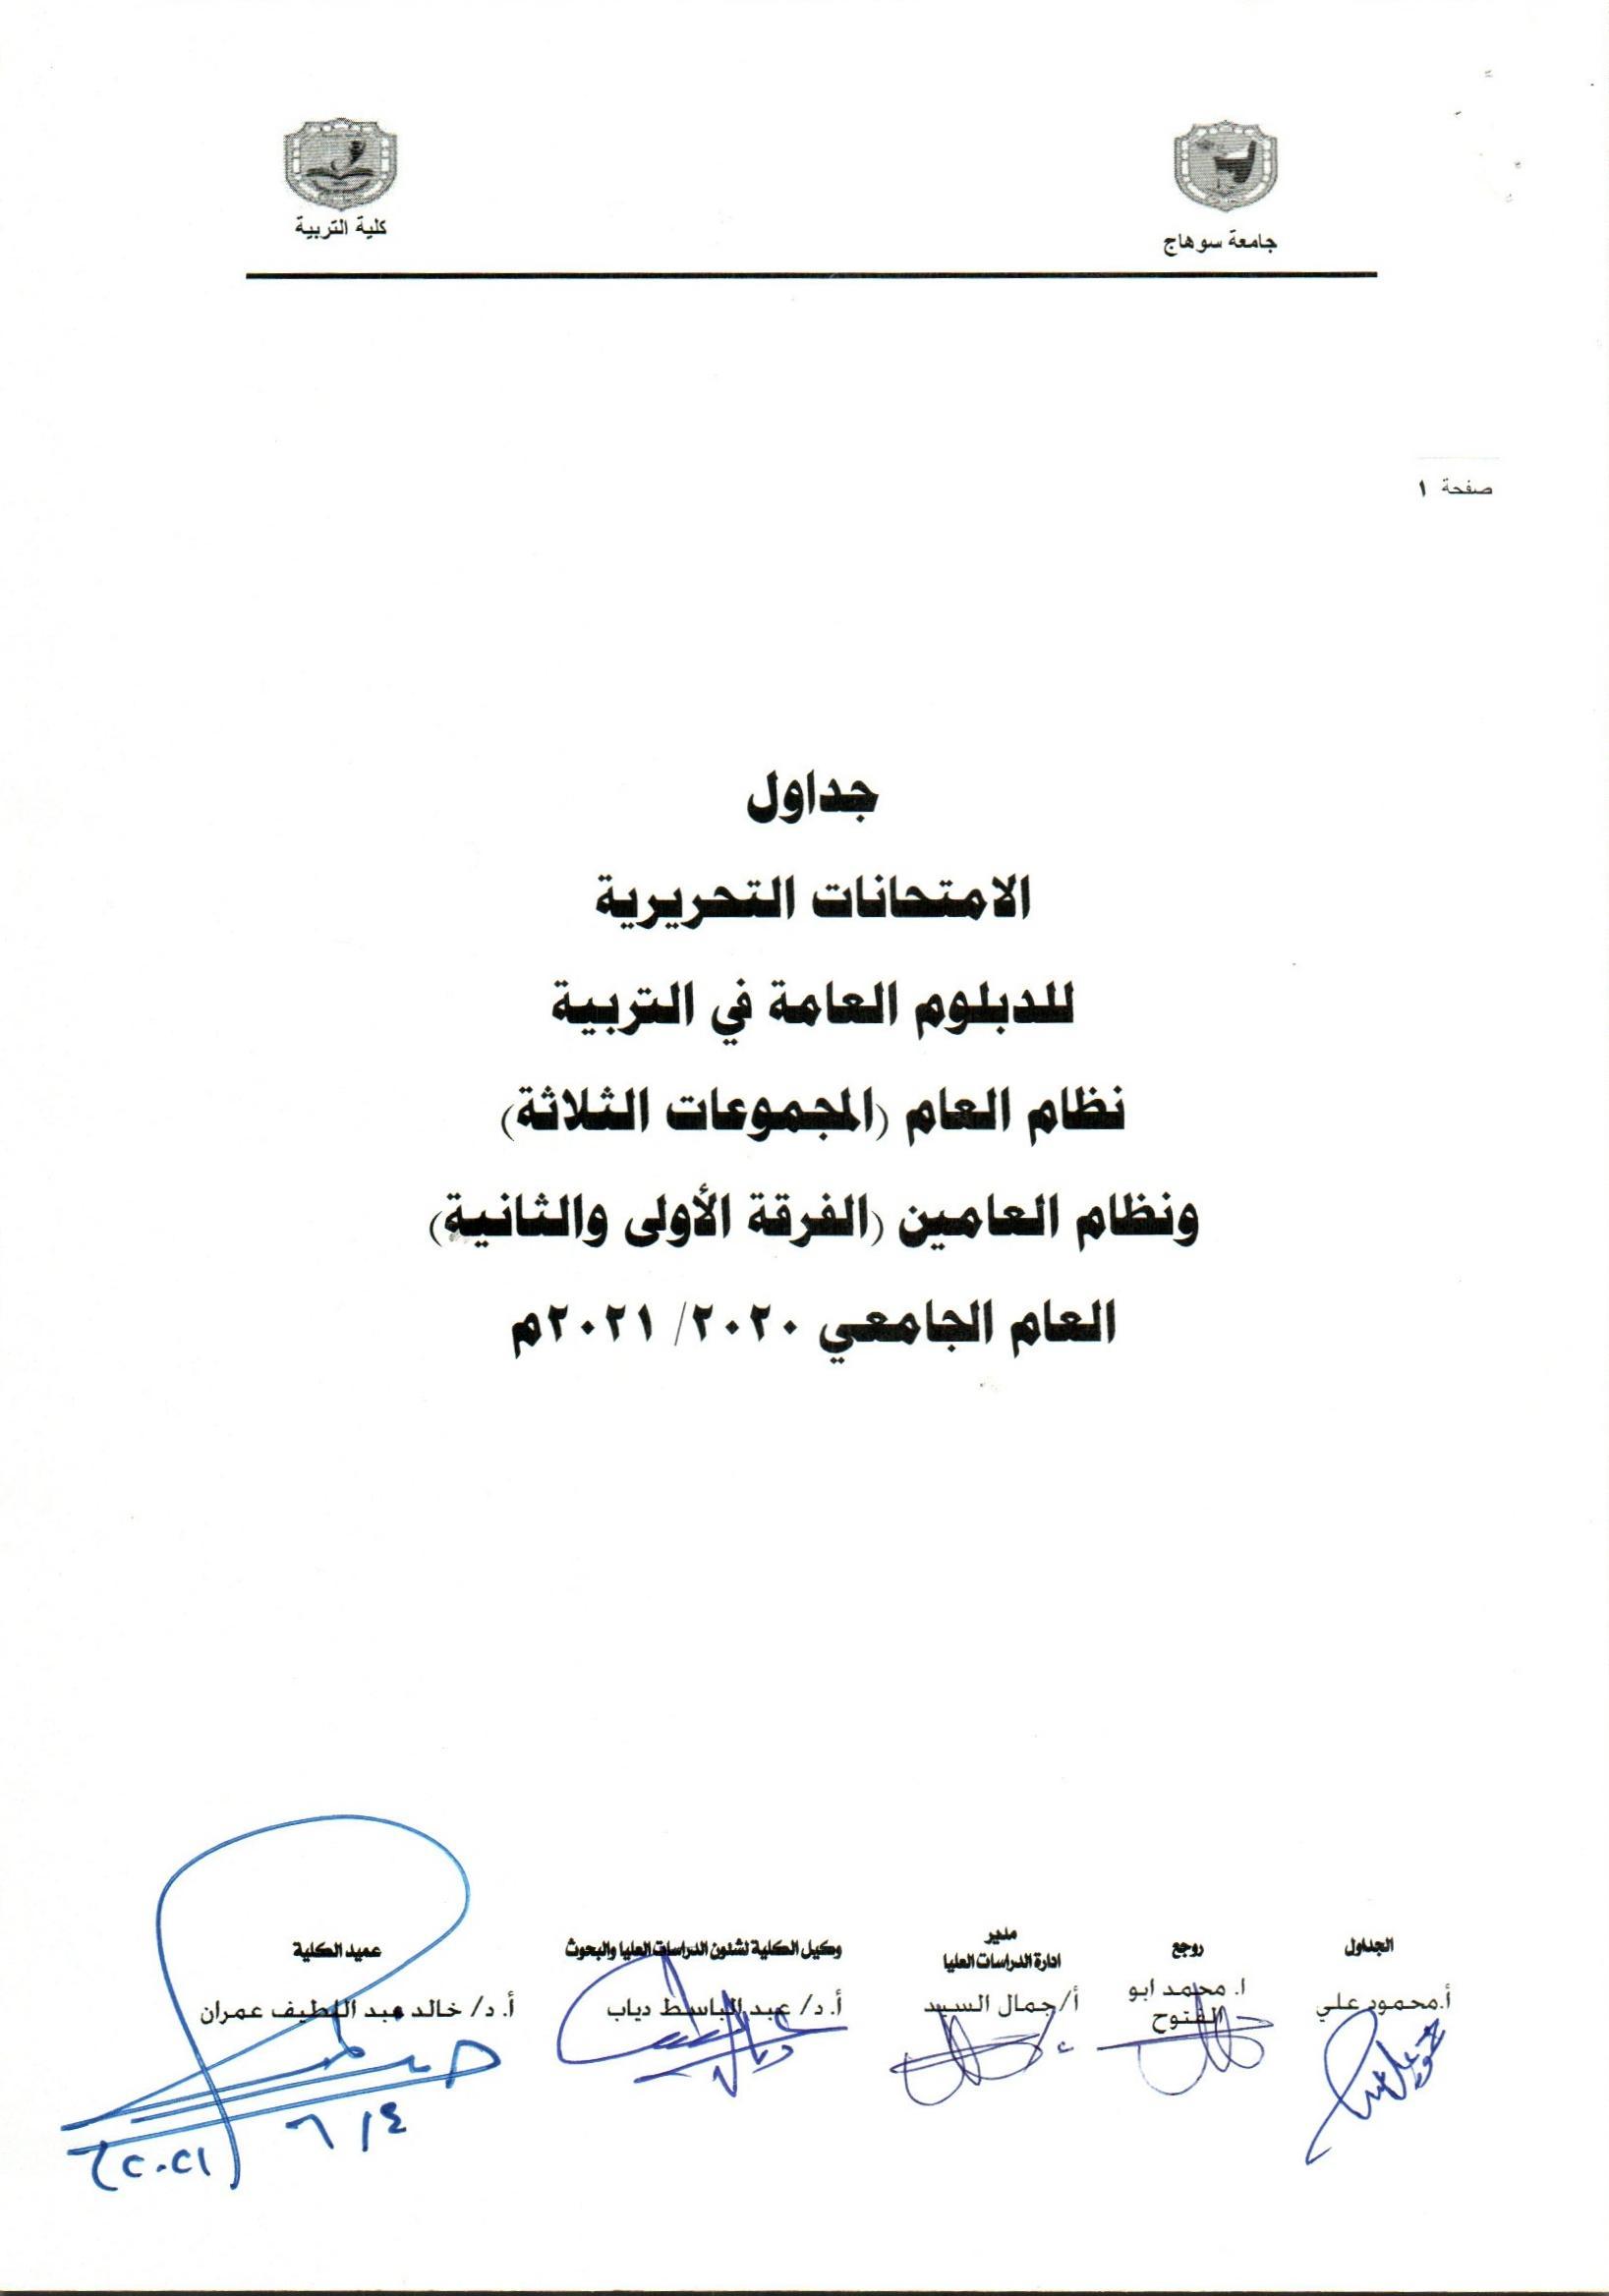 جداول امتحانات طلاب الدبلوم العامة في التربية بنظاميها (العام الواحد والعامين)  كلية التربية جامعة سوهاج للعام الجامعي 2020 / 2021م